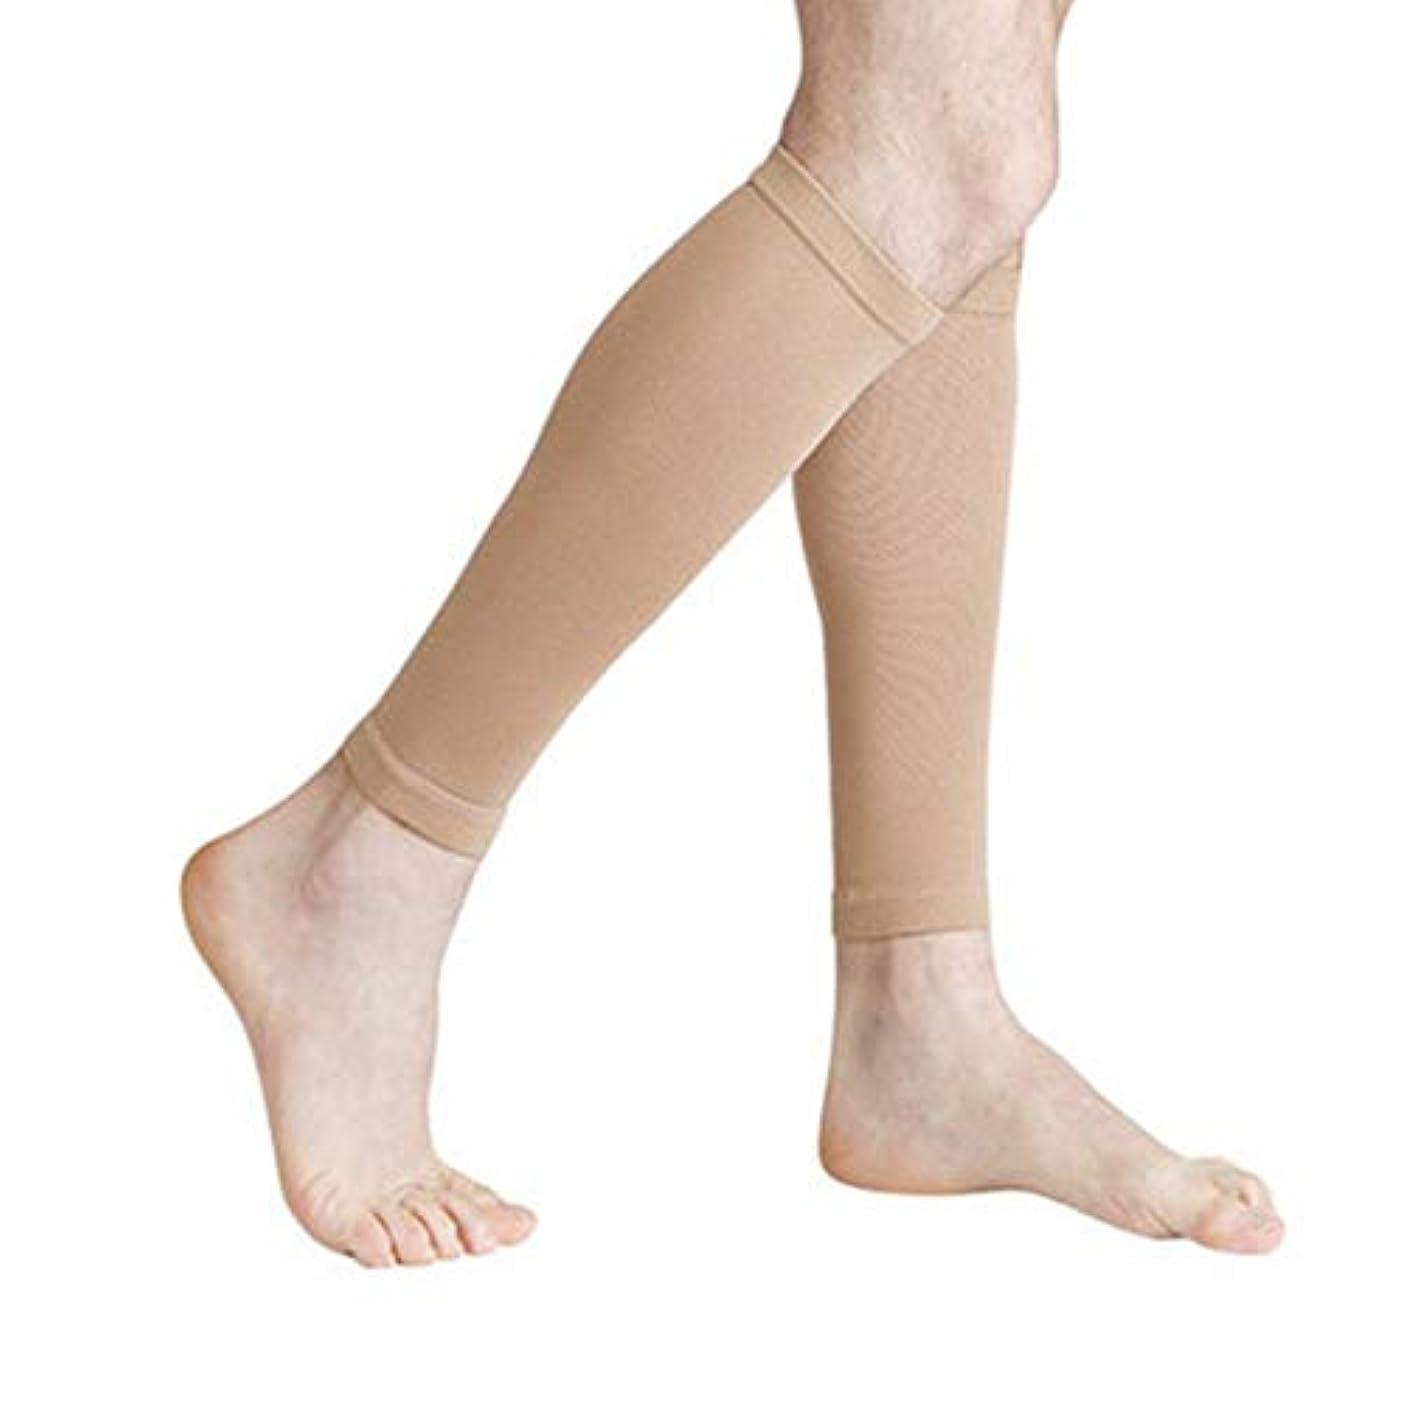 地区スキム宝石丈夫な男性女性プロの圧縮靴下通気性のある旅行活動看護師用シントスプリントフライトトラベル - 肌色